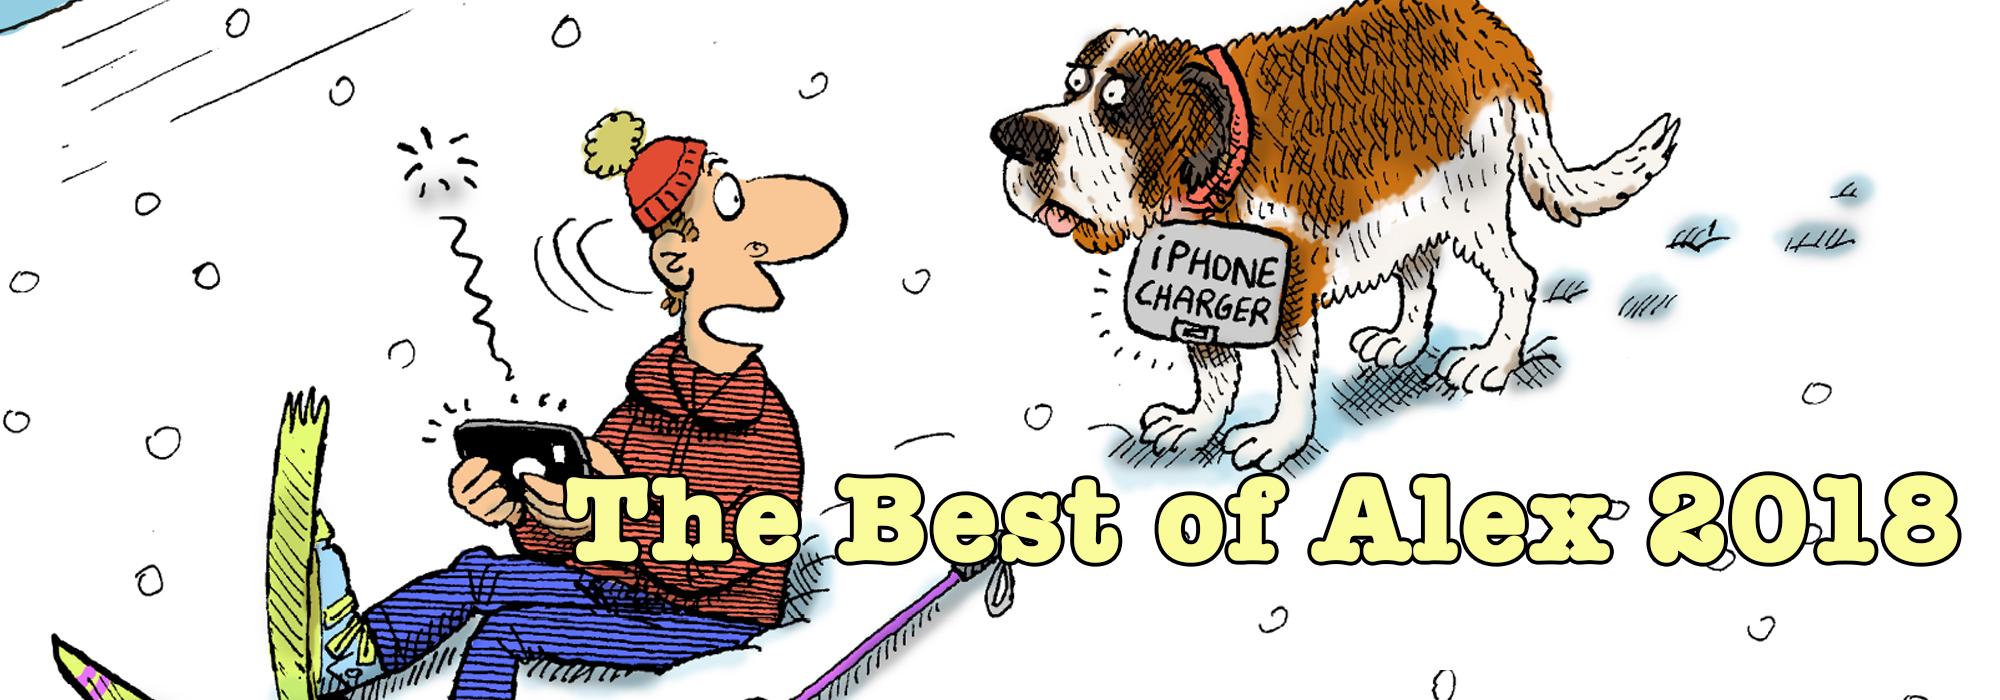 Best of Alex 2018